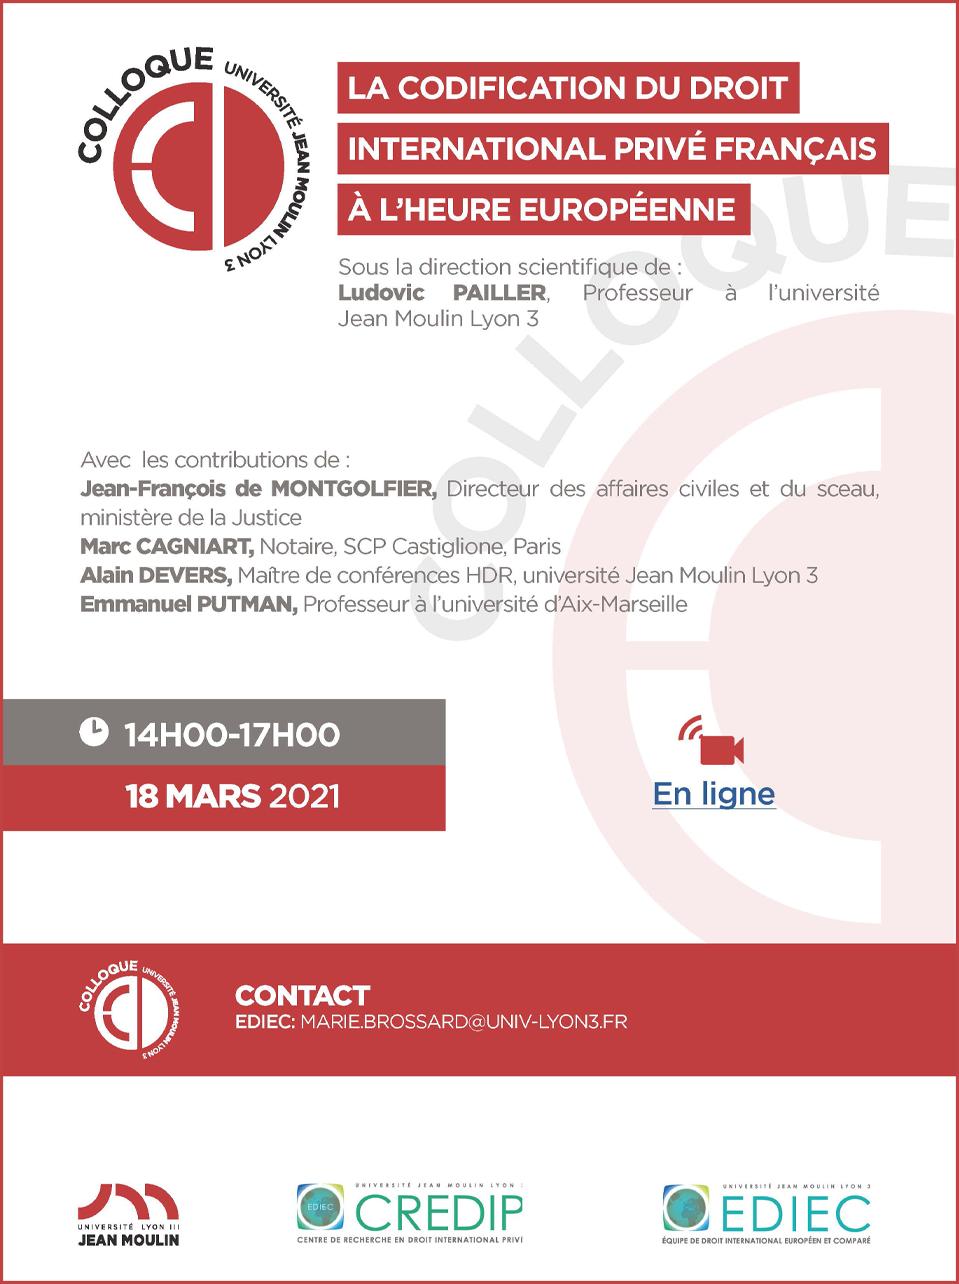 Affiche_codification du droit (lien inscription) - A4.jpg